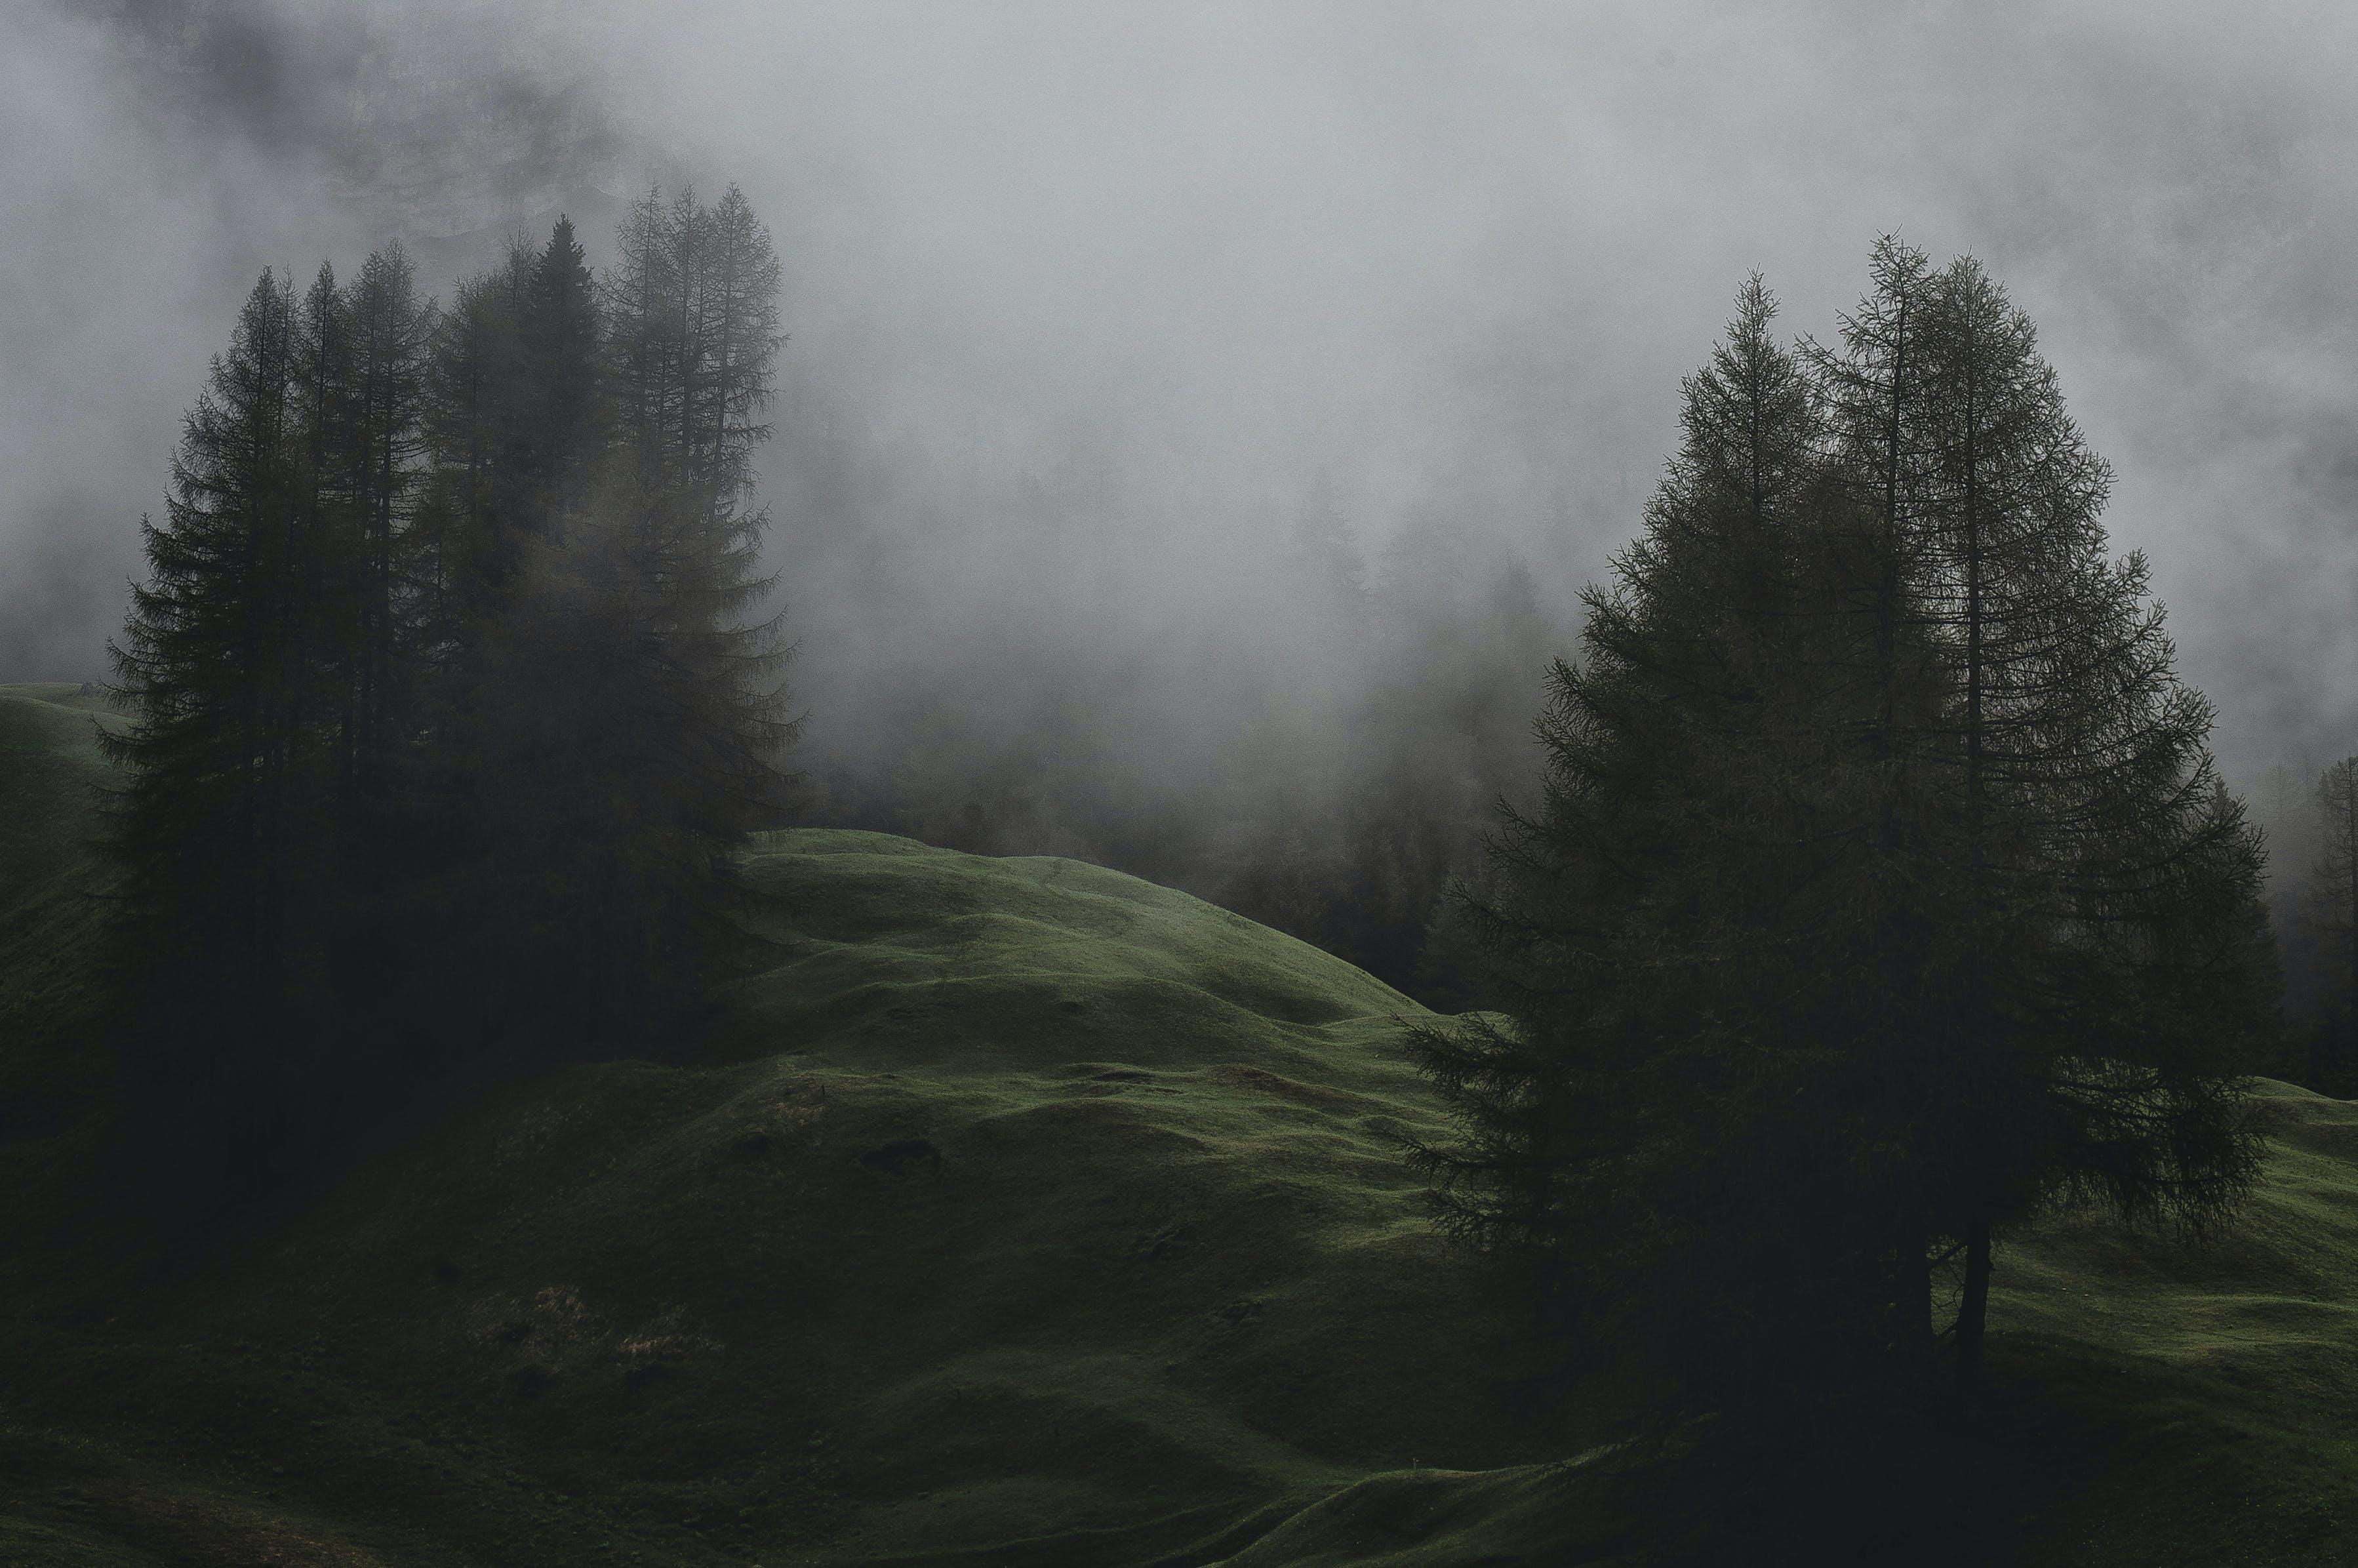 Gratis arkivbilde med bartre, eviggrønn, forkjølelse, HD-bakgrunnsbilde